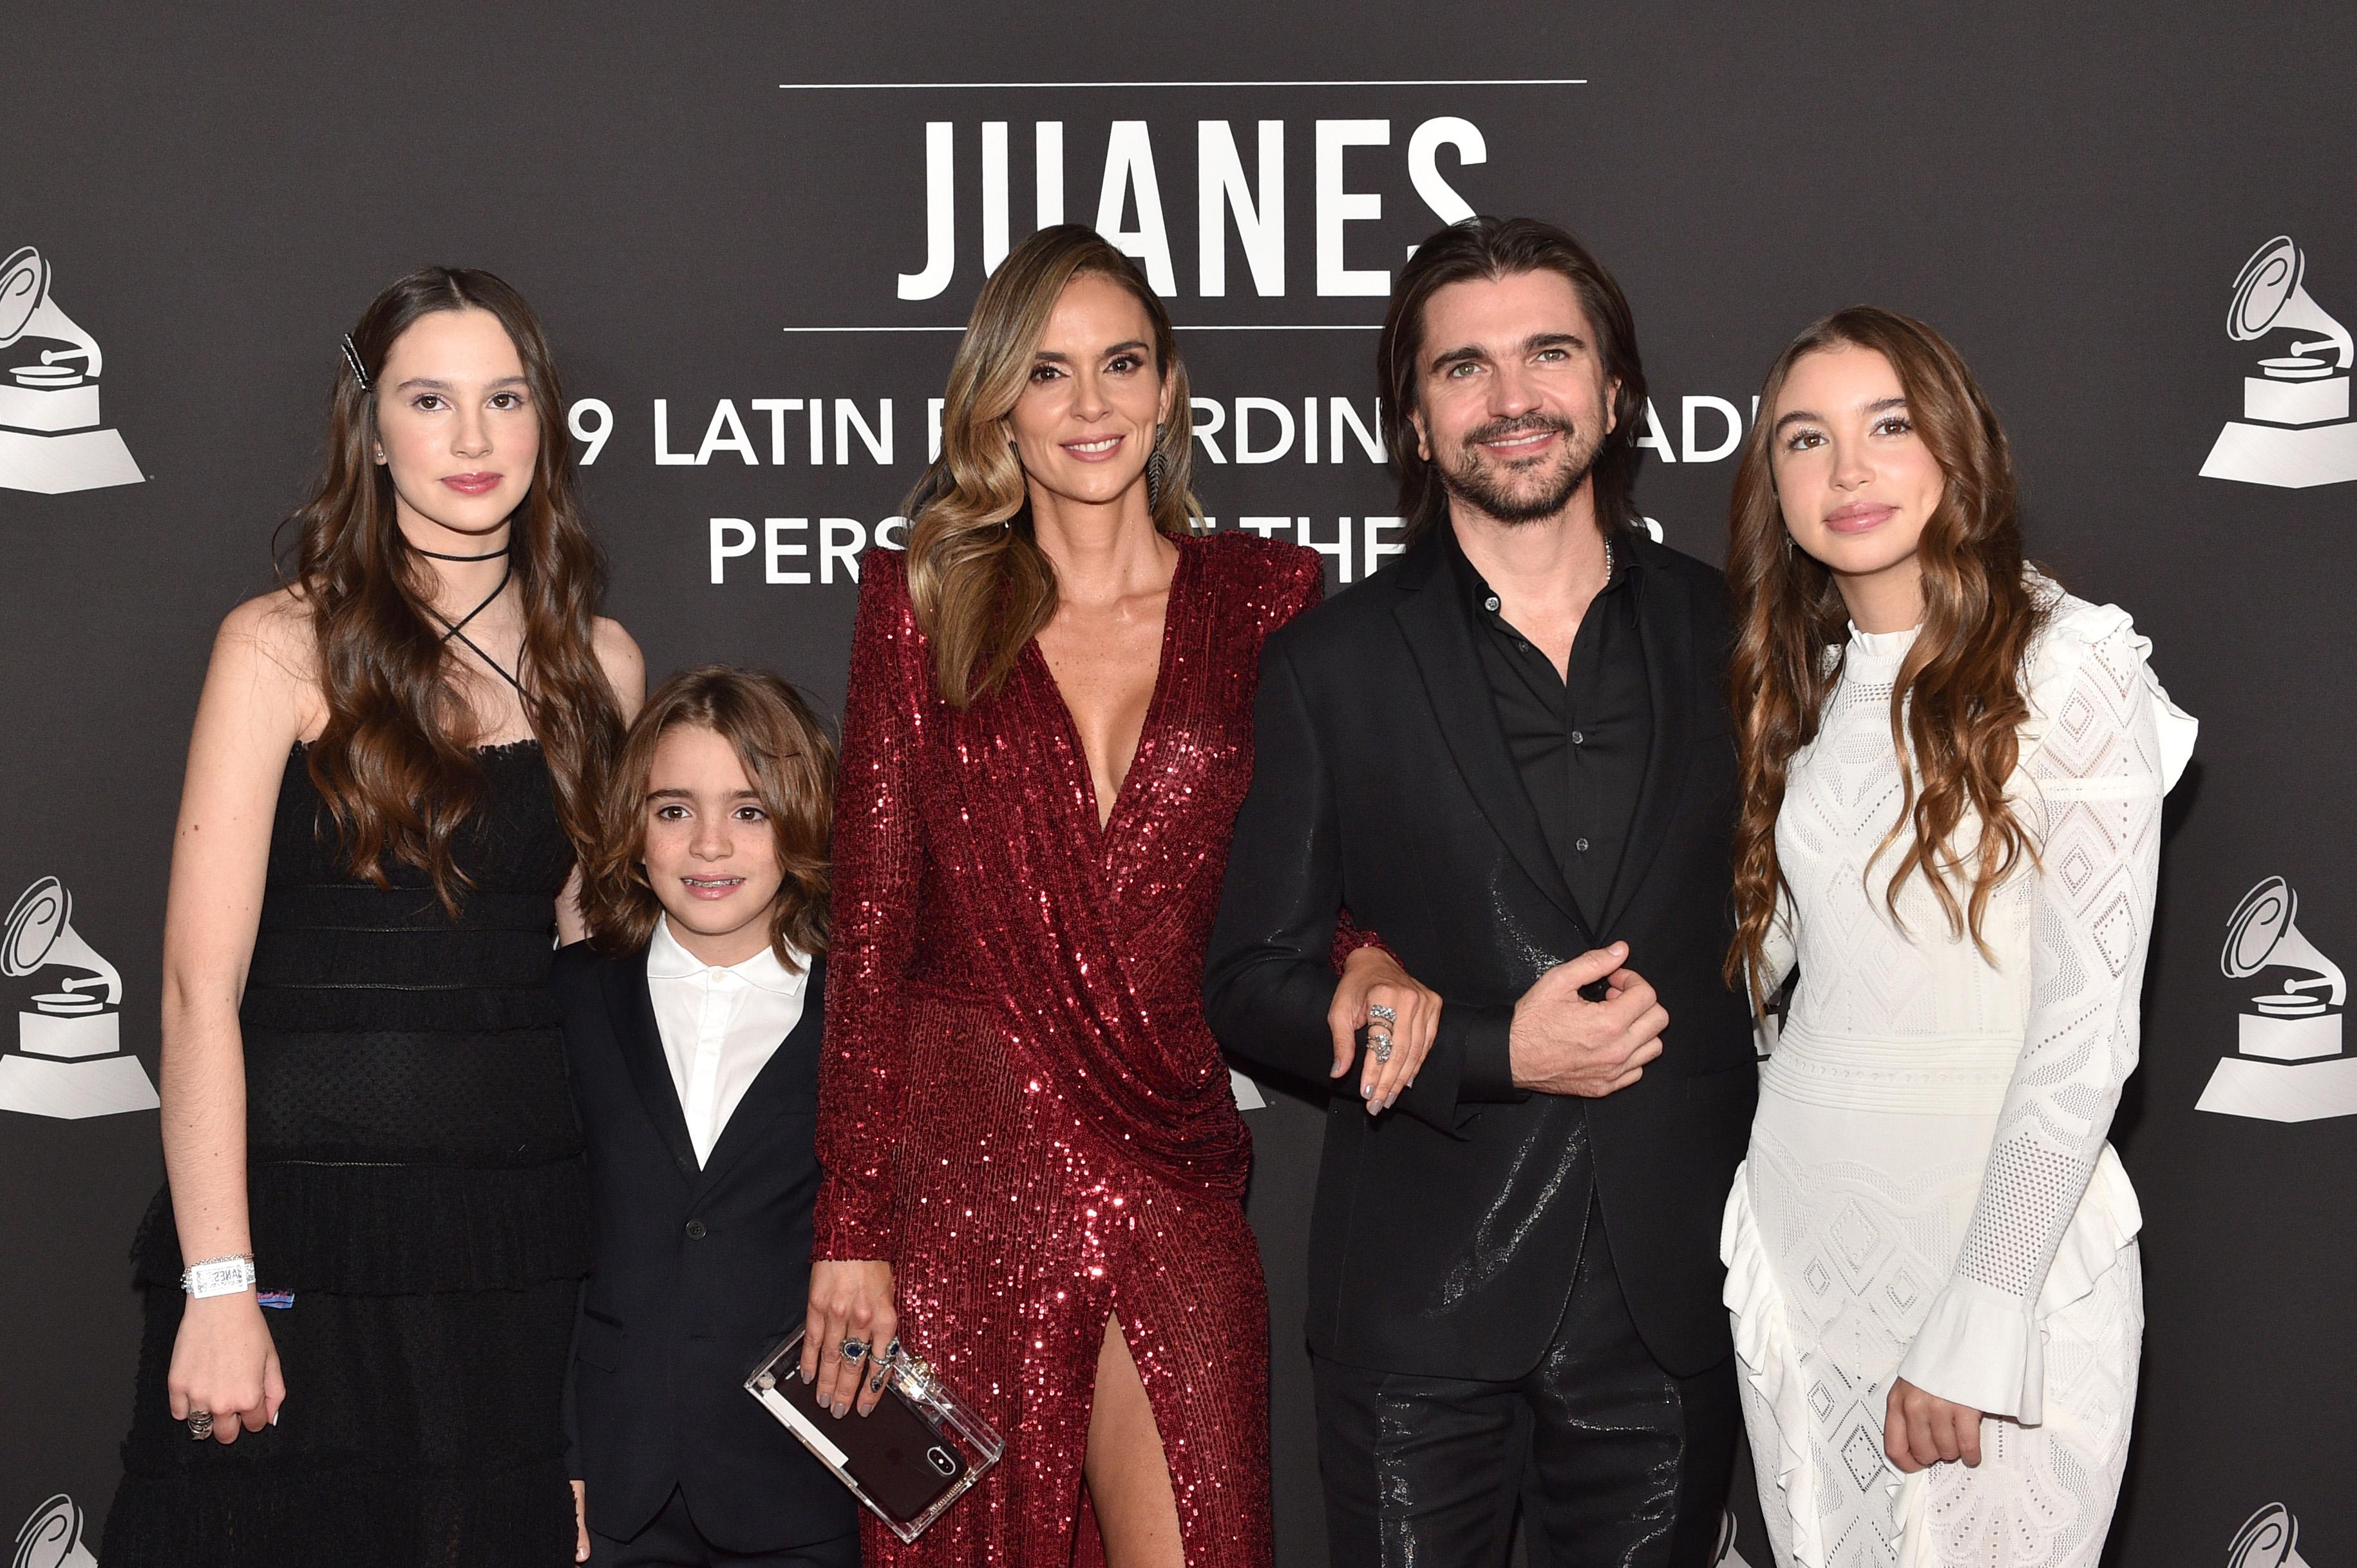 Juanes se emocionó al escuchar a Rosalia interpretar uno de sus clásicos